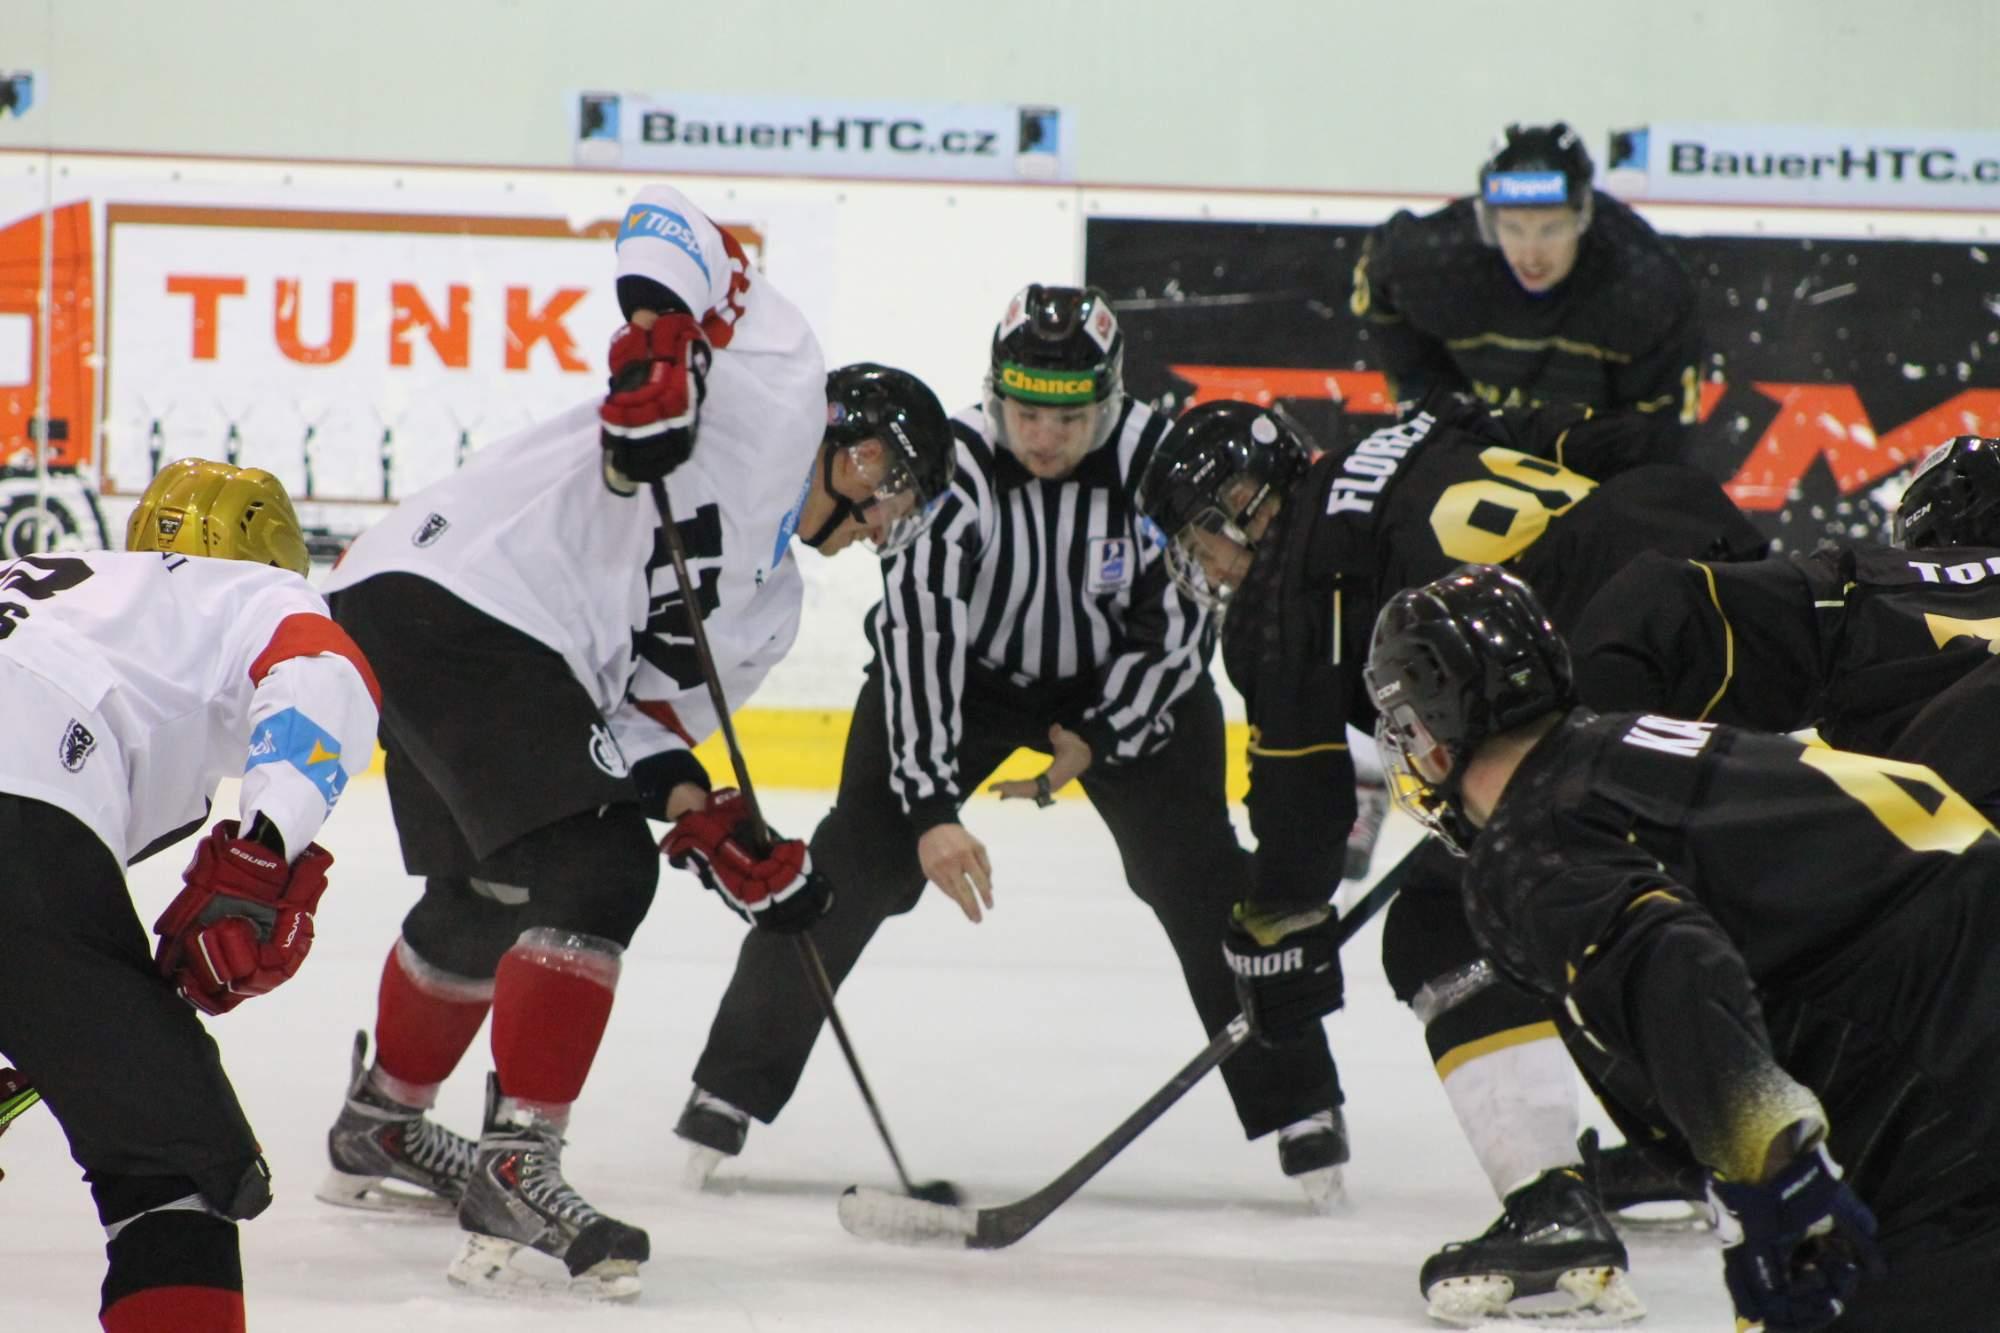 Hráči obou týmu předvedli skvělý výkon, ale štěstěna se naklonila k brněnským hokejistům.